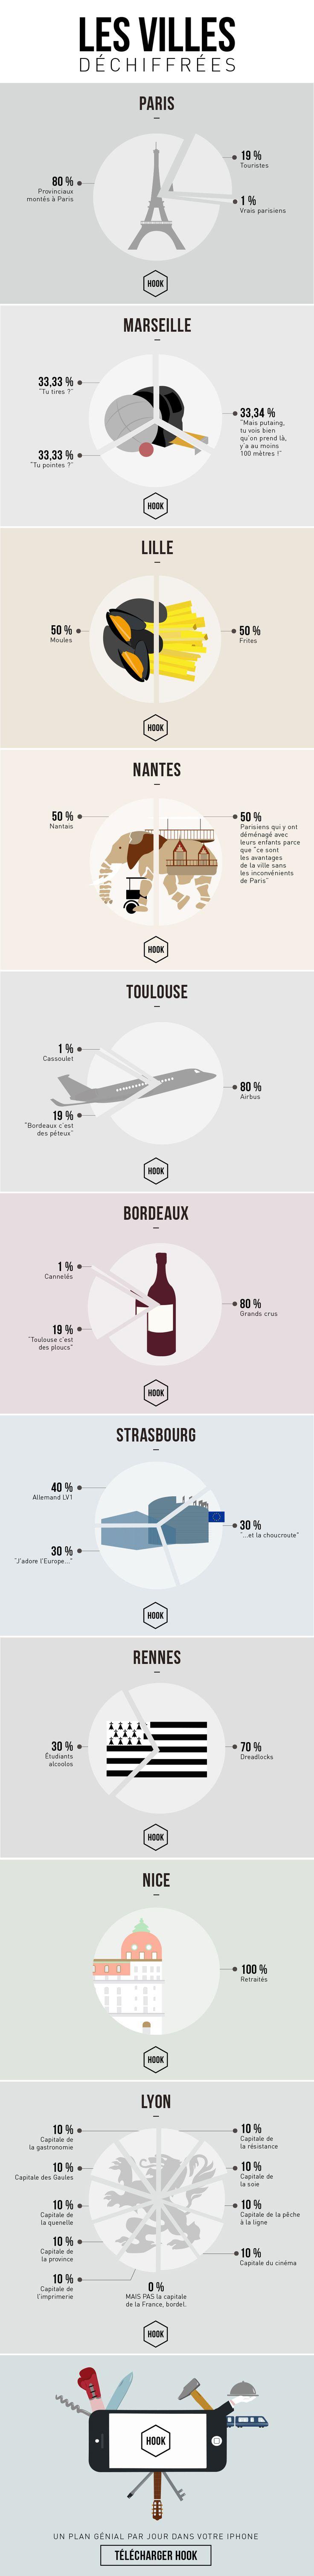 Infographie : dix villes de France et leurs clichés | Une manière de dénoncer préjugés et idées reçues avec finesse et humour.